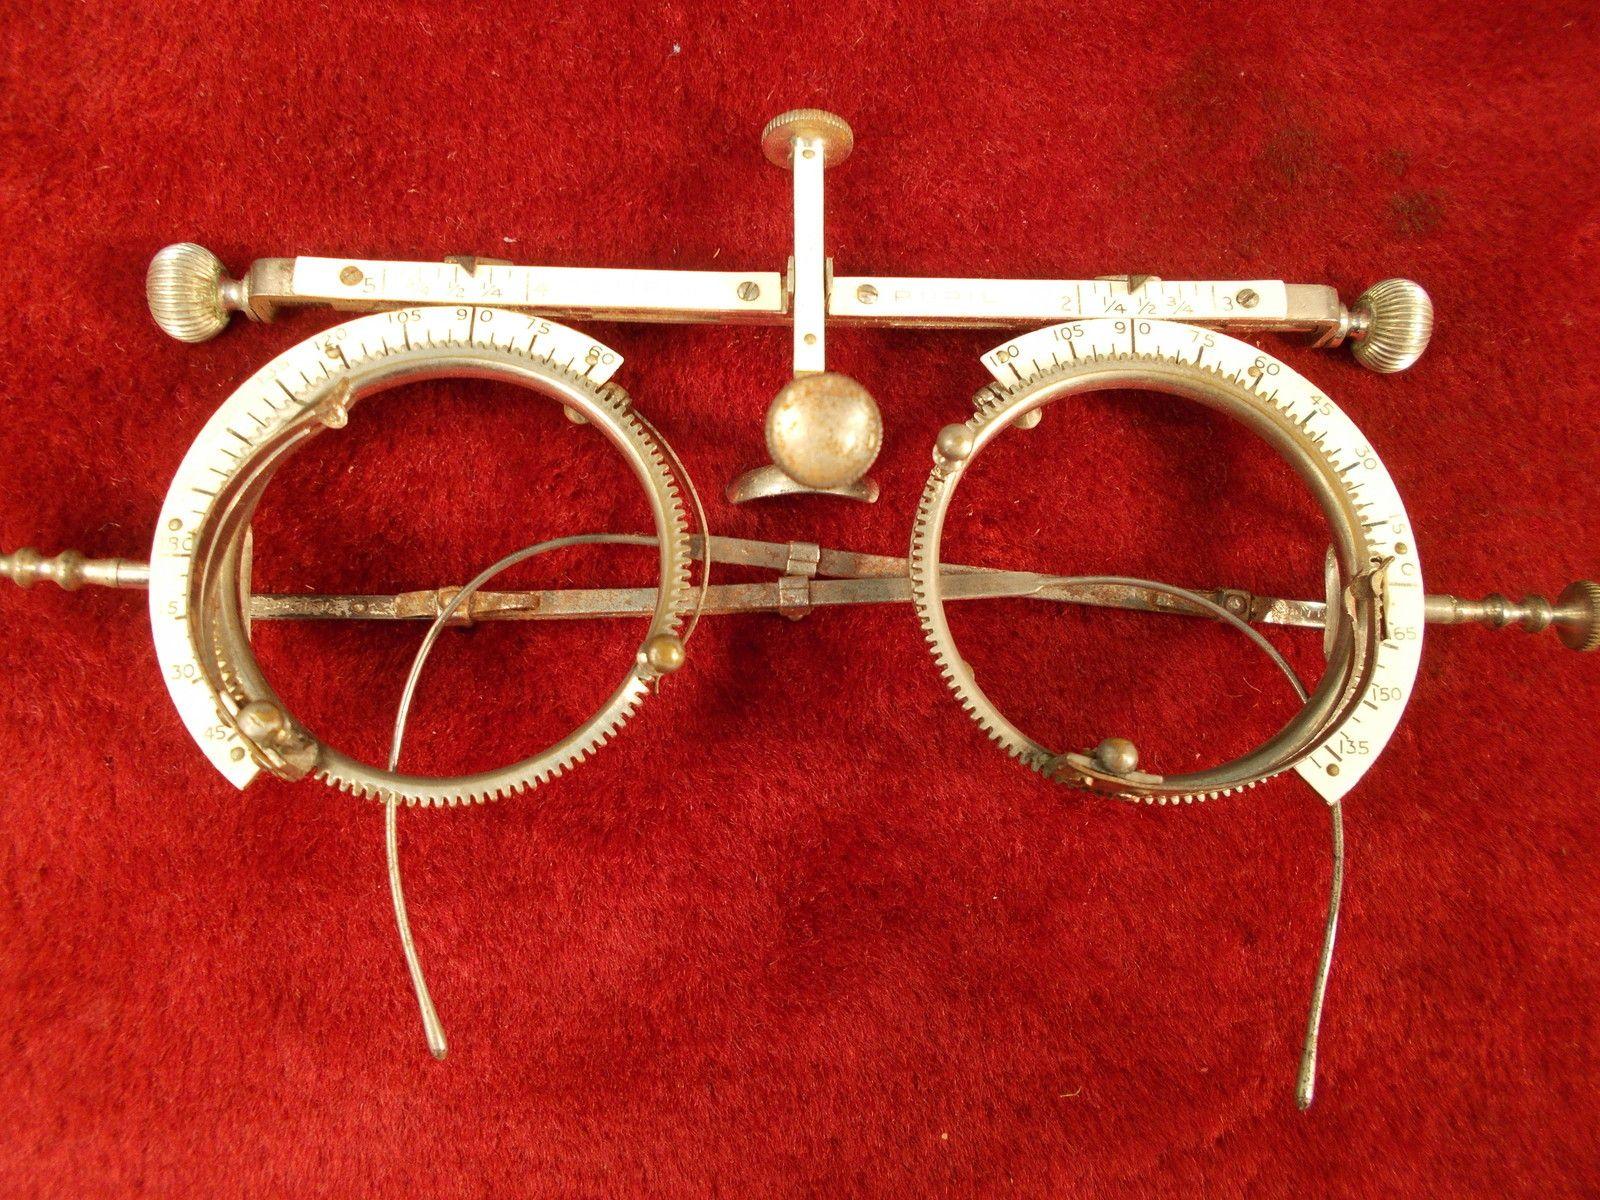 43f56c2a7b65 OLD VINTAGE ANTIQUE 1895 TEMPLE PUPIL EYE DOCTOR EYEGLASSES MEASURING  FRAMES!!! | eBay